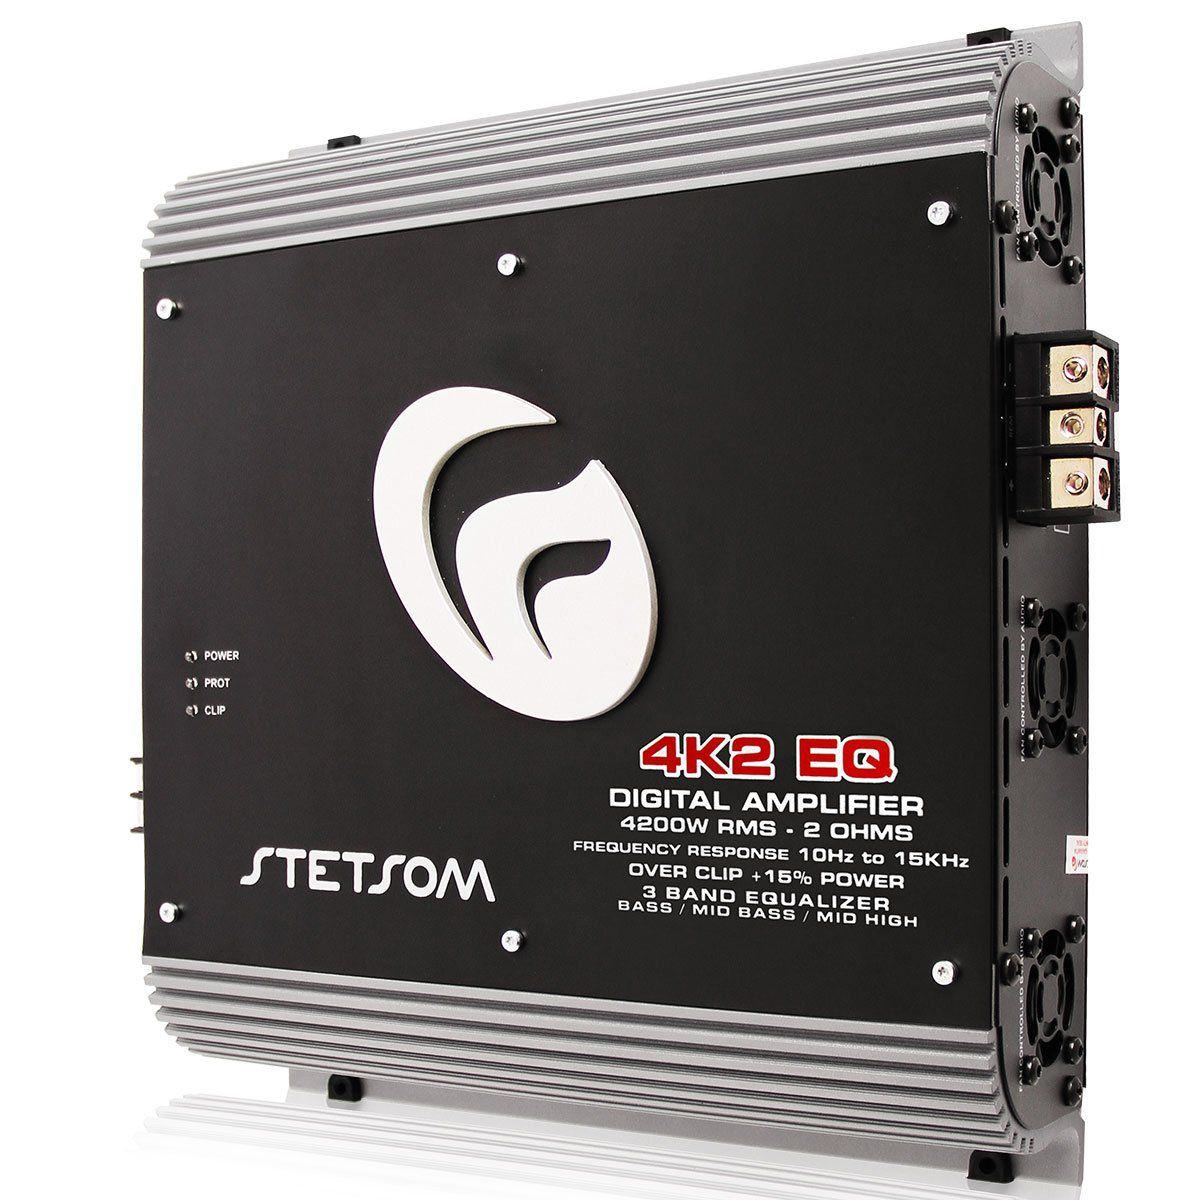 Modulo Amplificador Stetsom 4K2Eq Digital Vulcan 4200W 1 Canal 2 Ohm